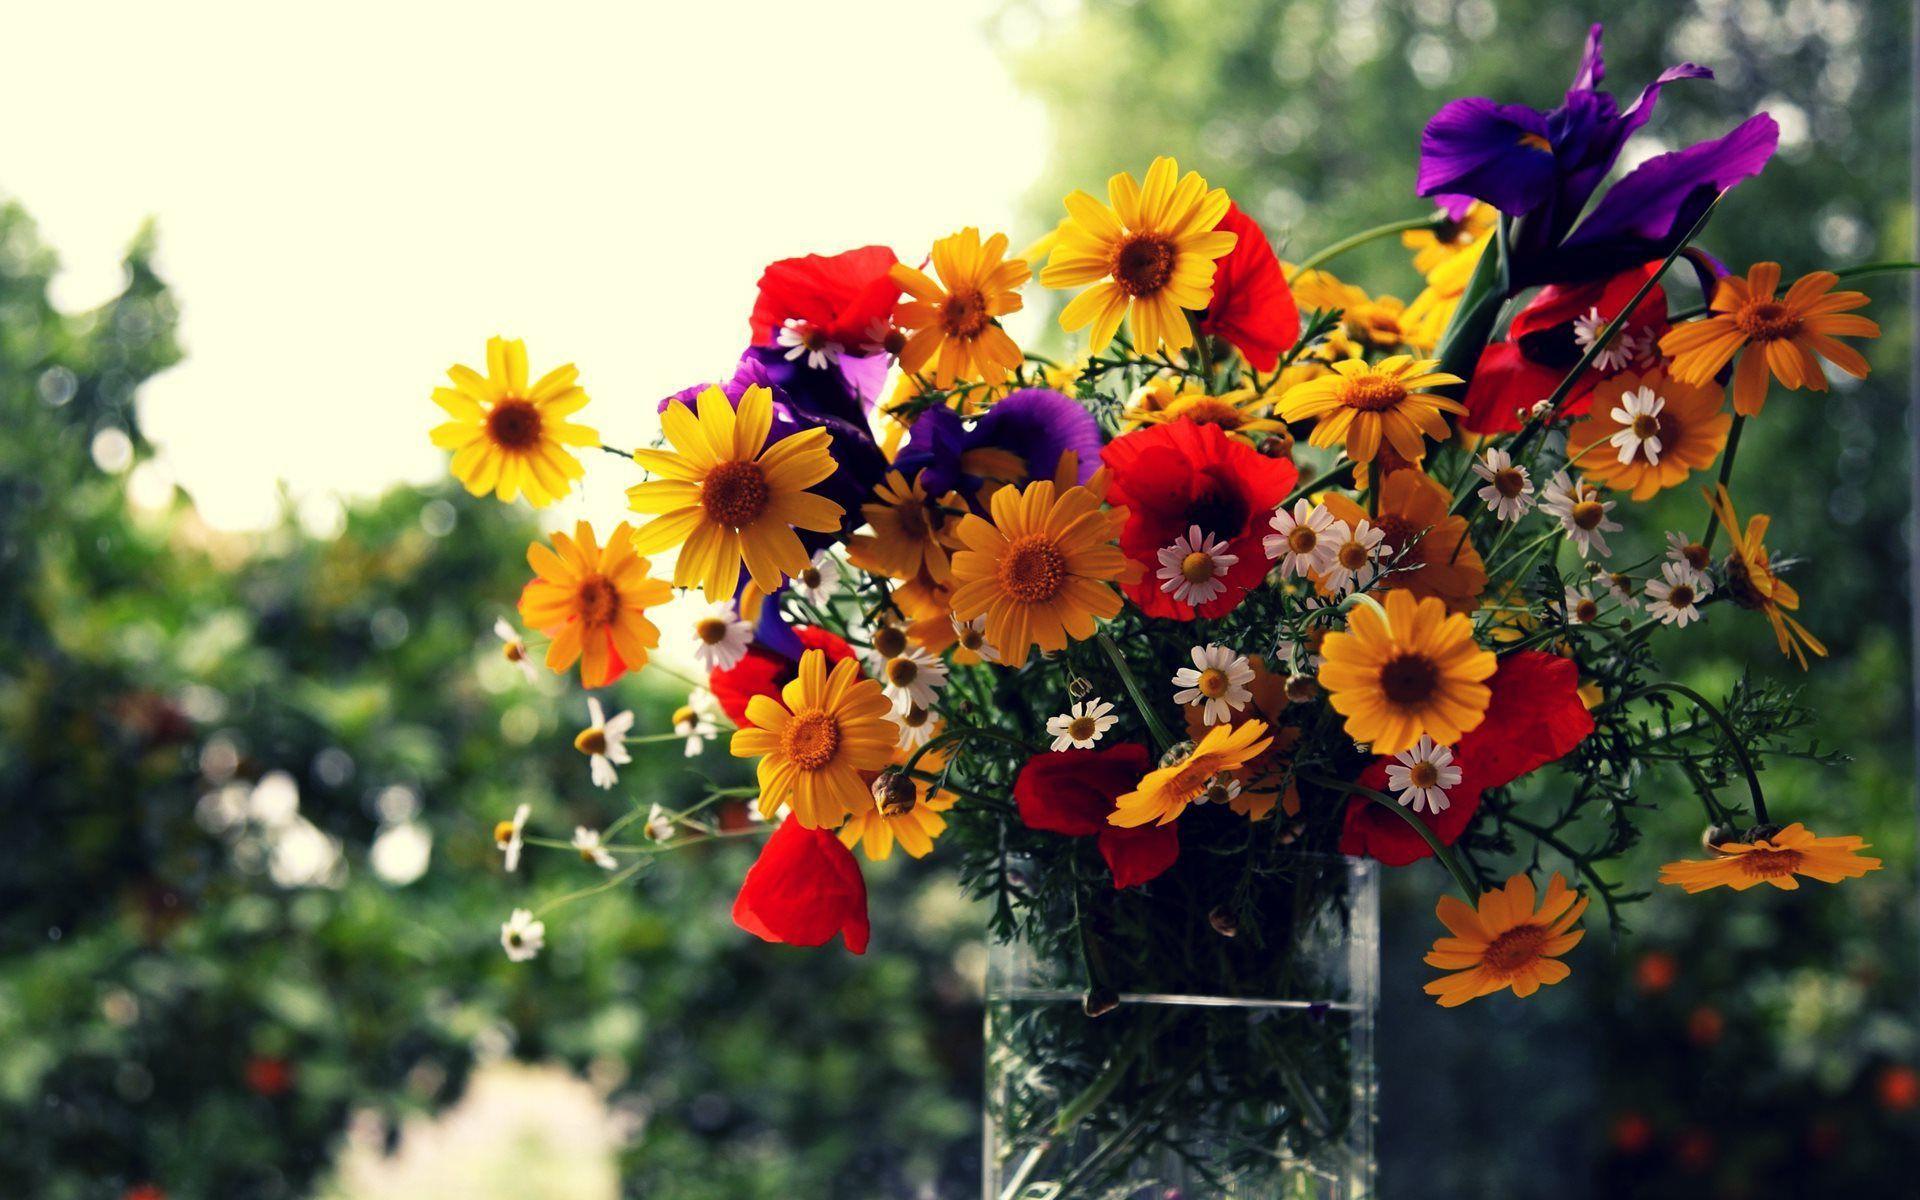 Flower Bouquet Hd Background